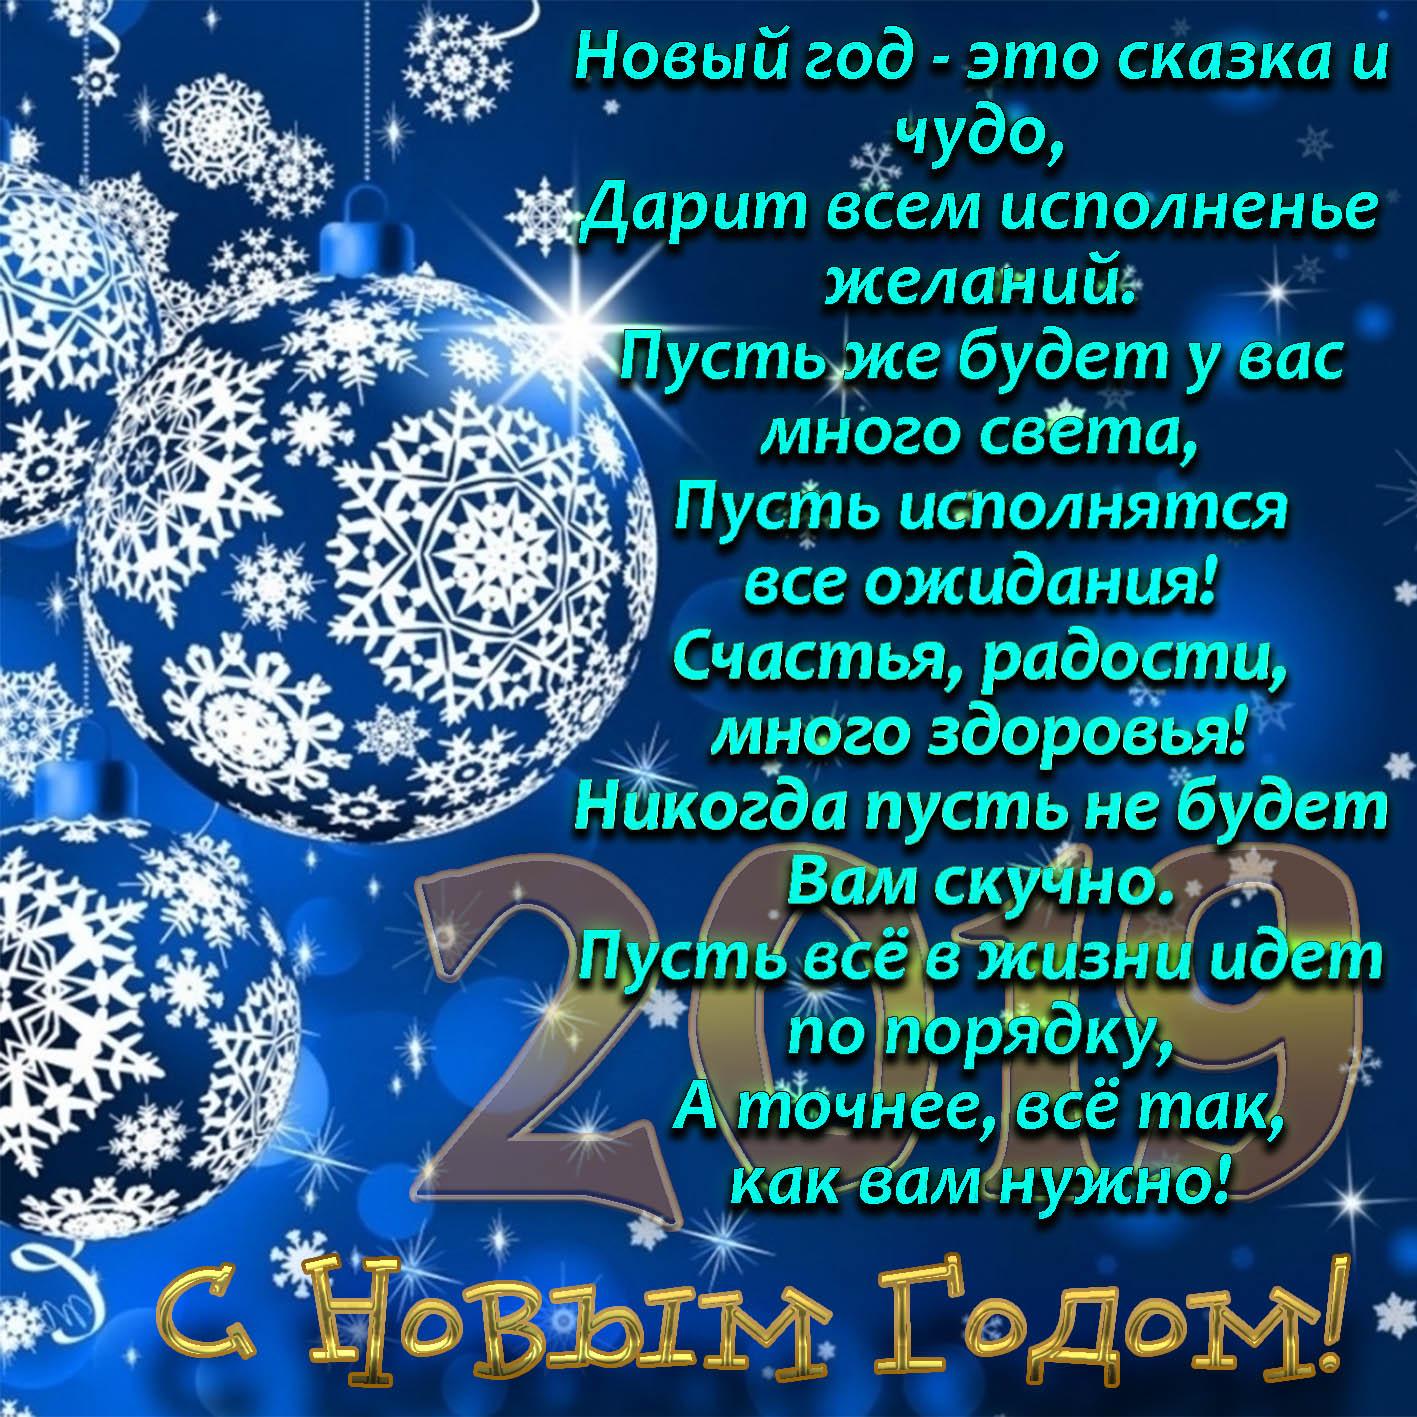 День бабушек и дедушек в 2019 году: какого числа в России, поздравления картинки